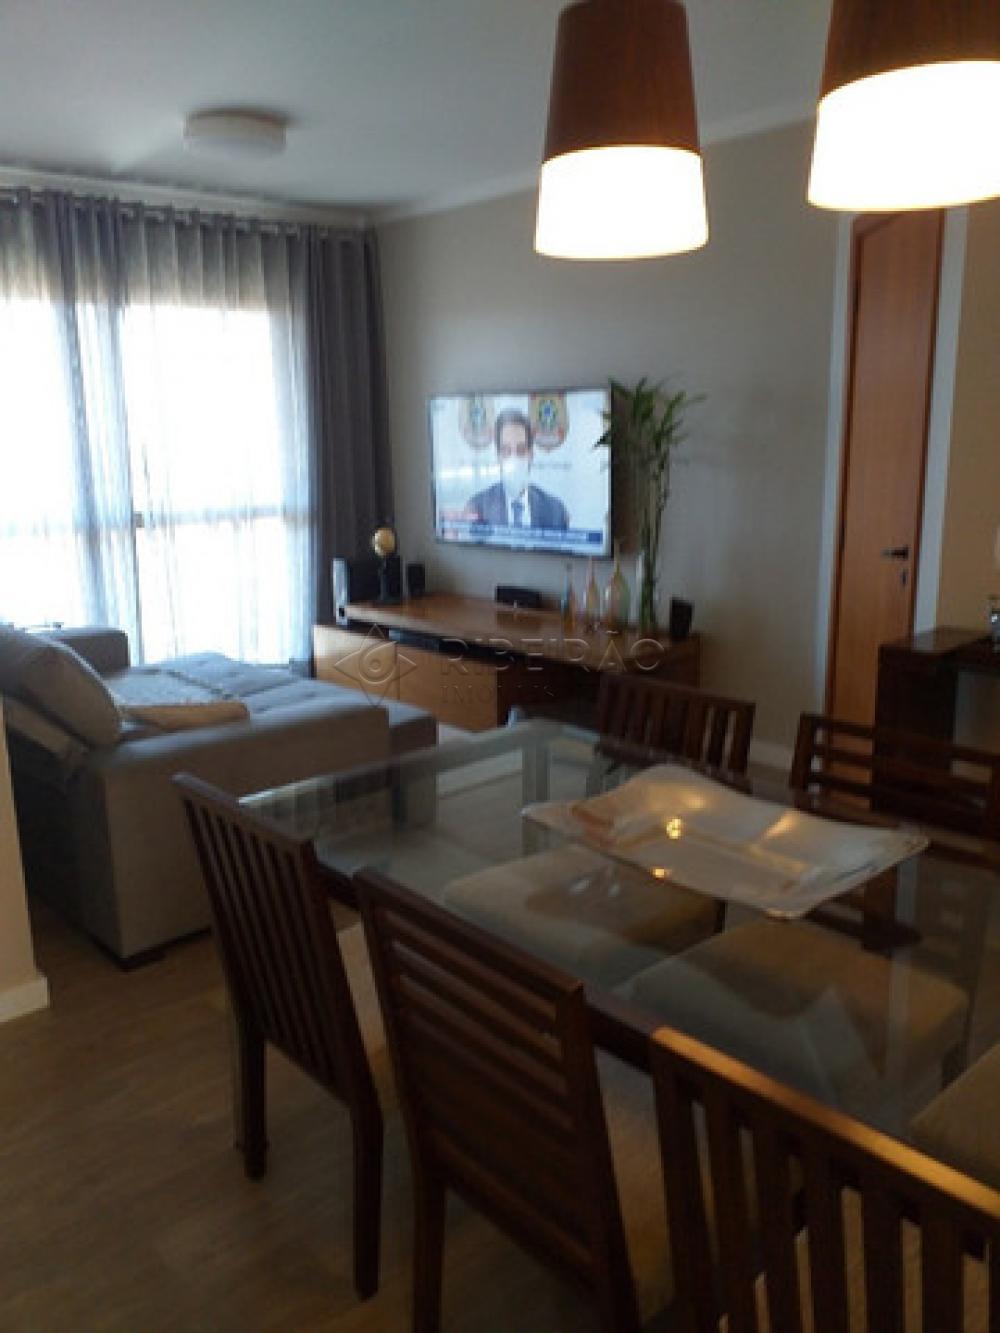 Ribeirao Preto Apartamento Venda R$485.000,00 Condominio R$520,00 3 Dormitorios 1 Suite Area construida 87.81m2